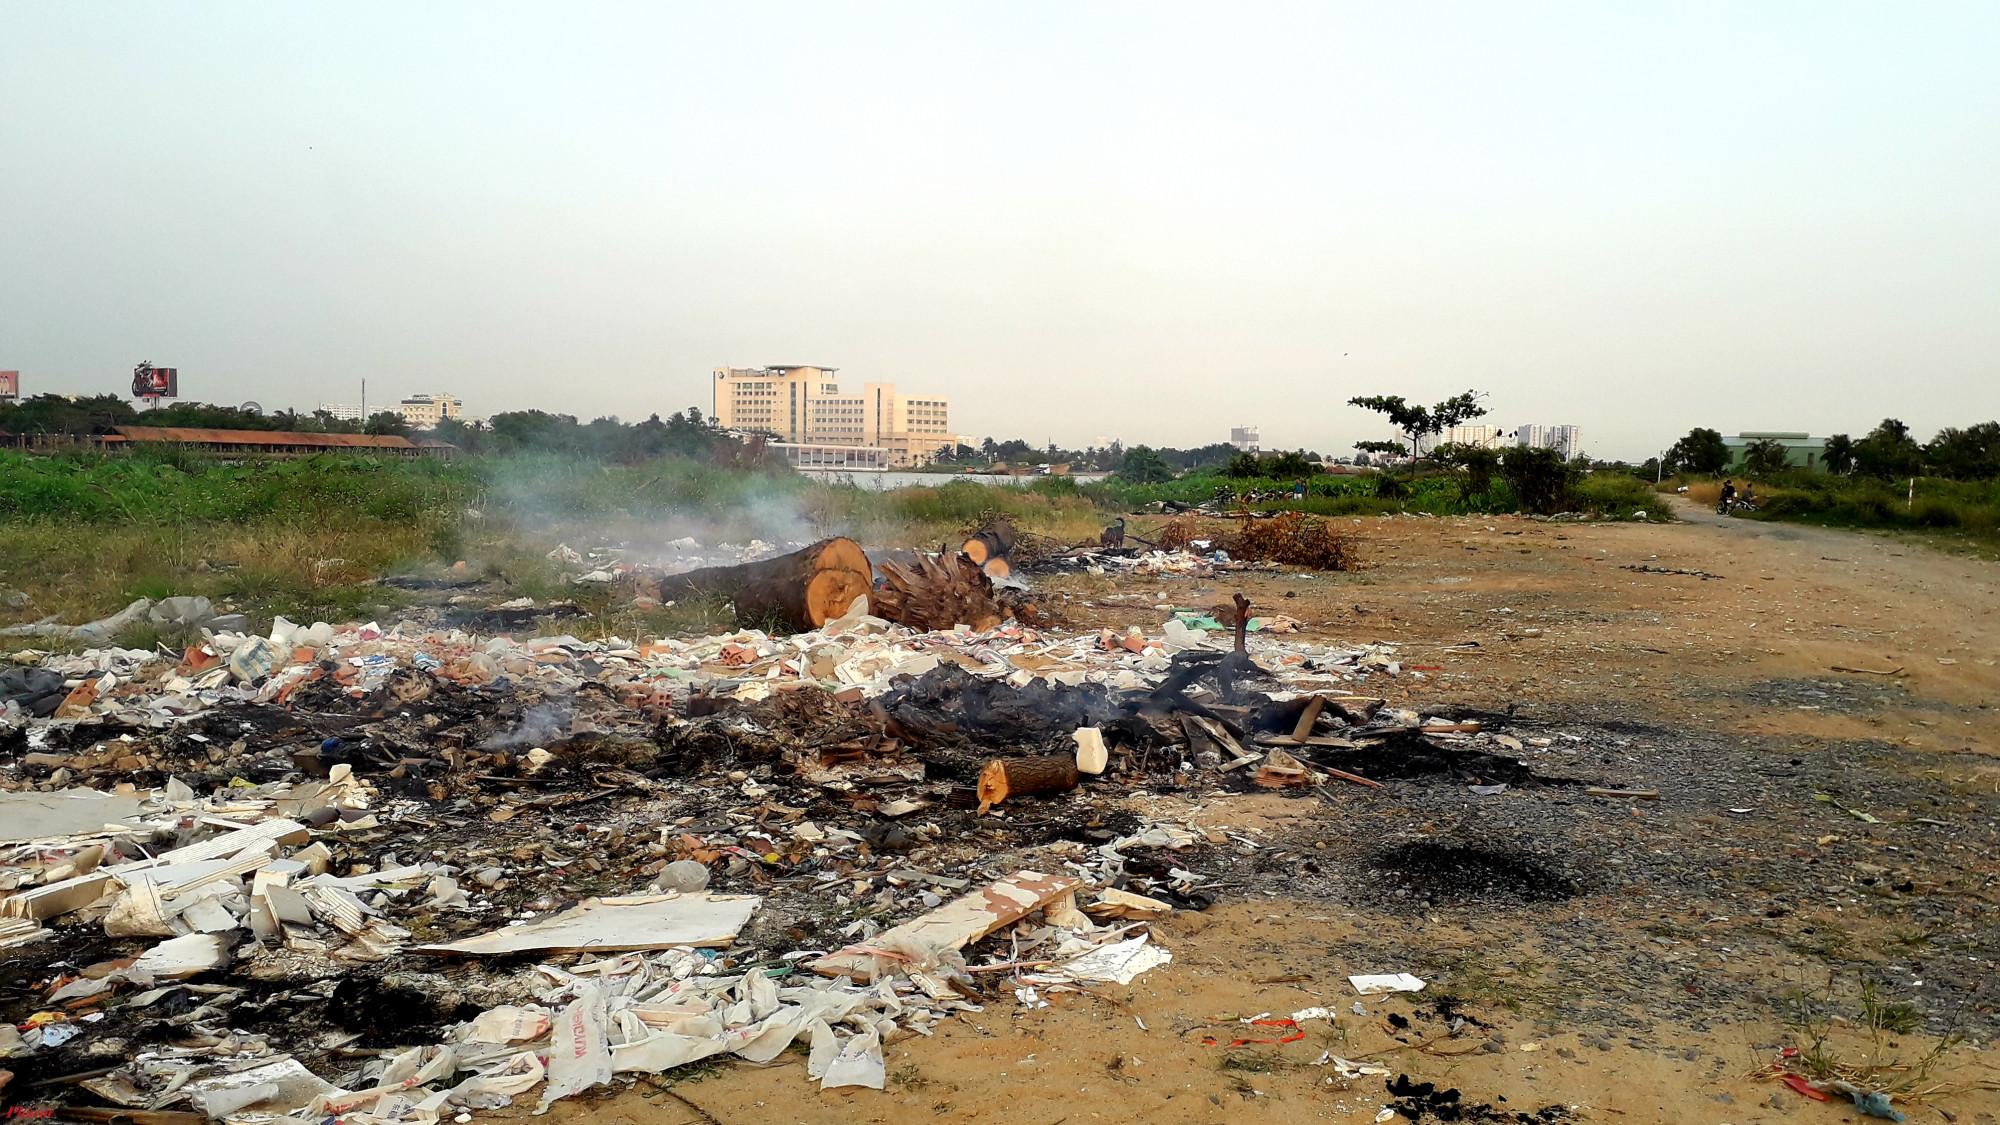 Đủ loại rác thải được mang ra bờ sông Sài Gòn đổ bỏ rồi đốt cháy, phi tang - Ảnh: Hoàng Nhiên